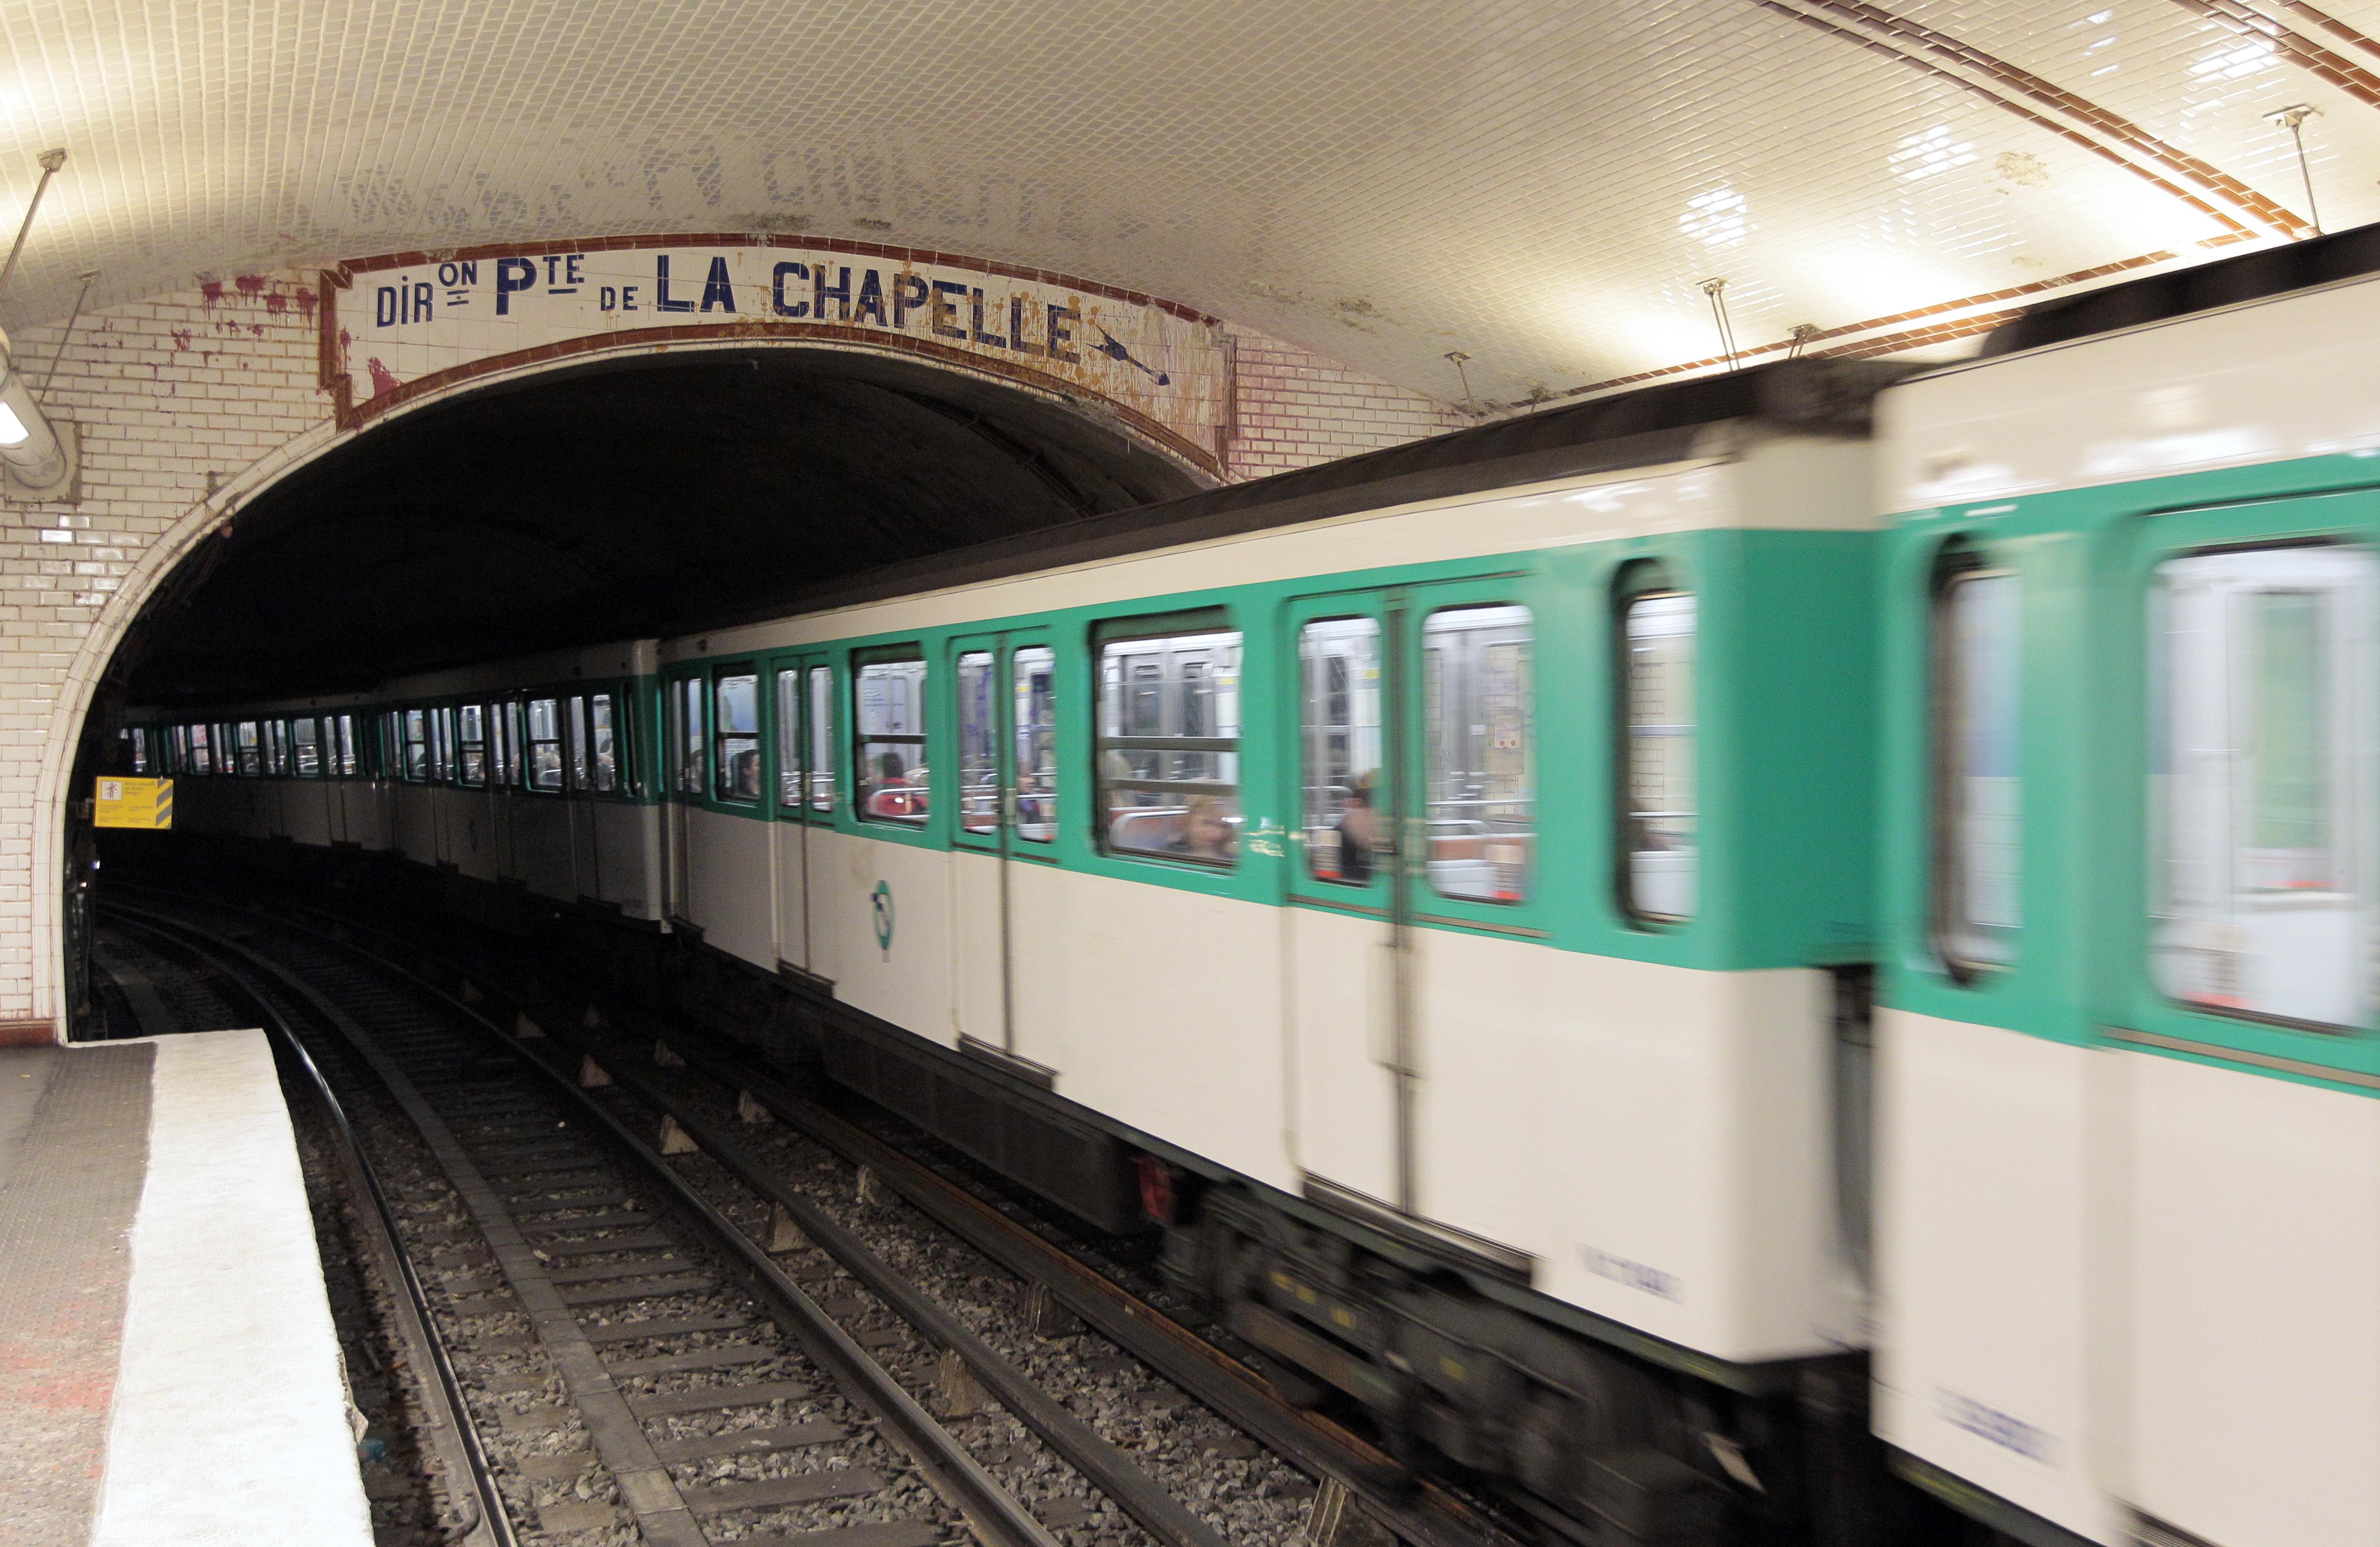 3天2宗 巴黎地鐵再現酸性液體傷人事件